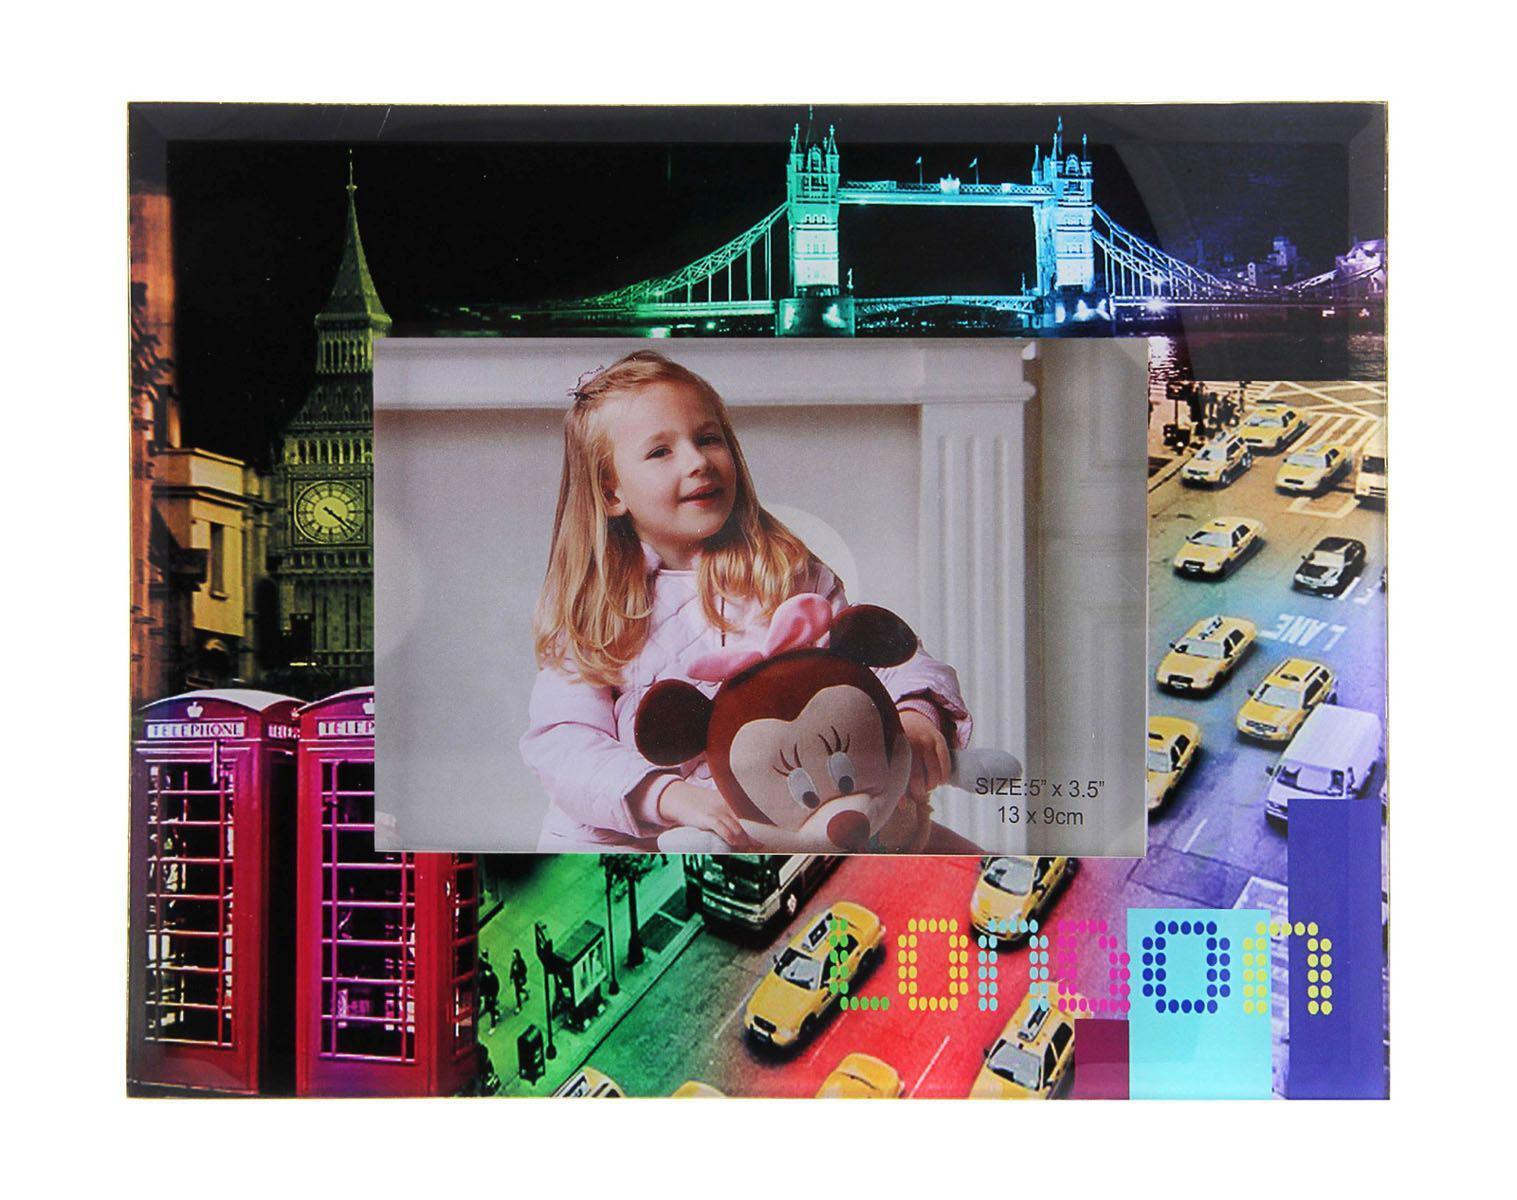 Фоторамка Sima-land Городская игра цвета, 9 см х 13 см137261Декоративная фоторамка Sima-land Городская игра цвета выполнена из стекла и декорирована изображением города Лондона. Обратная сторона рамки оснащена специальной ножкой, благодаря которой ее можно поставить на стол или любое другое место в доме или офисе. Такая фоторамка украсит ваш интерьер оригинальным образом, а также позволит сохранить память о дорогих вам людях и интересных событиях вашей жизни. С ней вы сможете не просто внести в интерьер своего дома элемент оригинальности, но и создать атмосферу загадочности и изысканности.